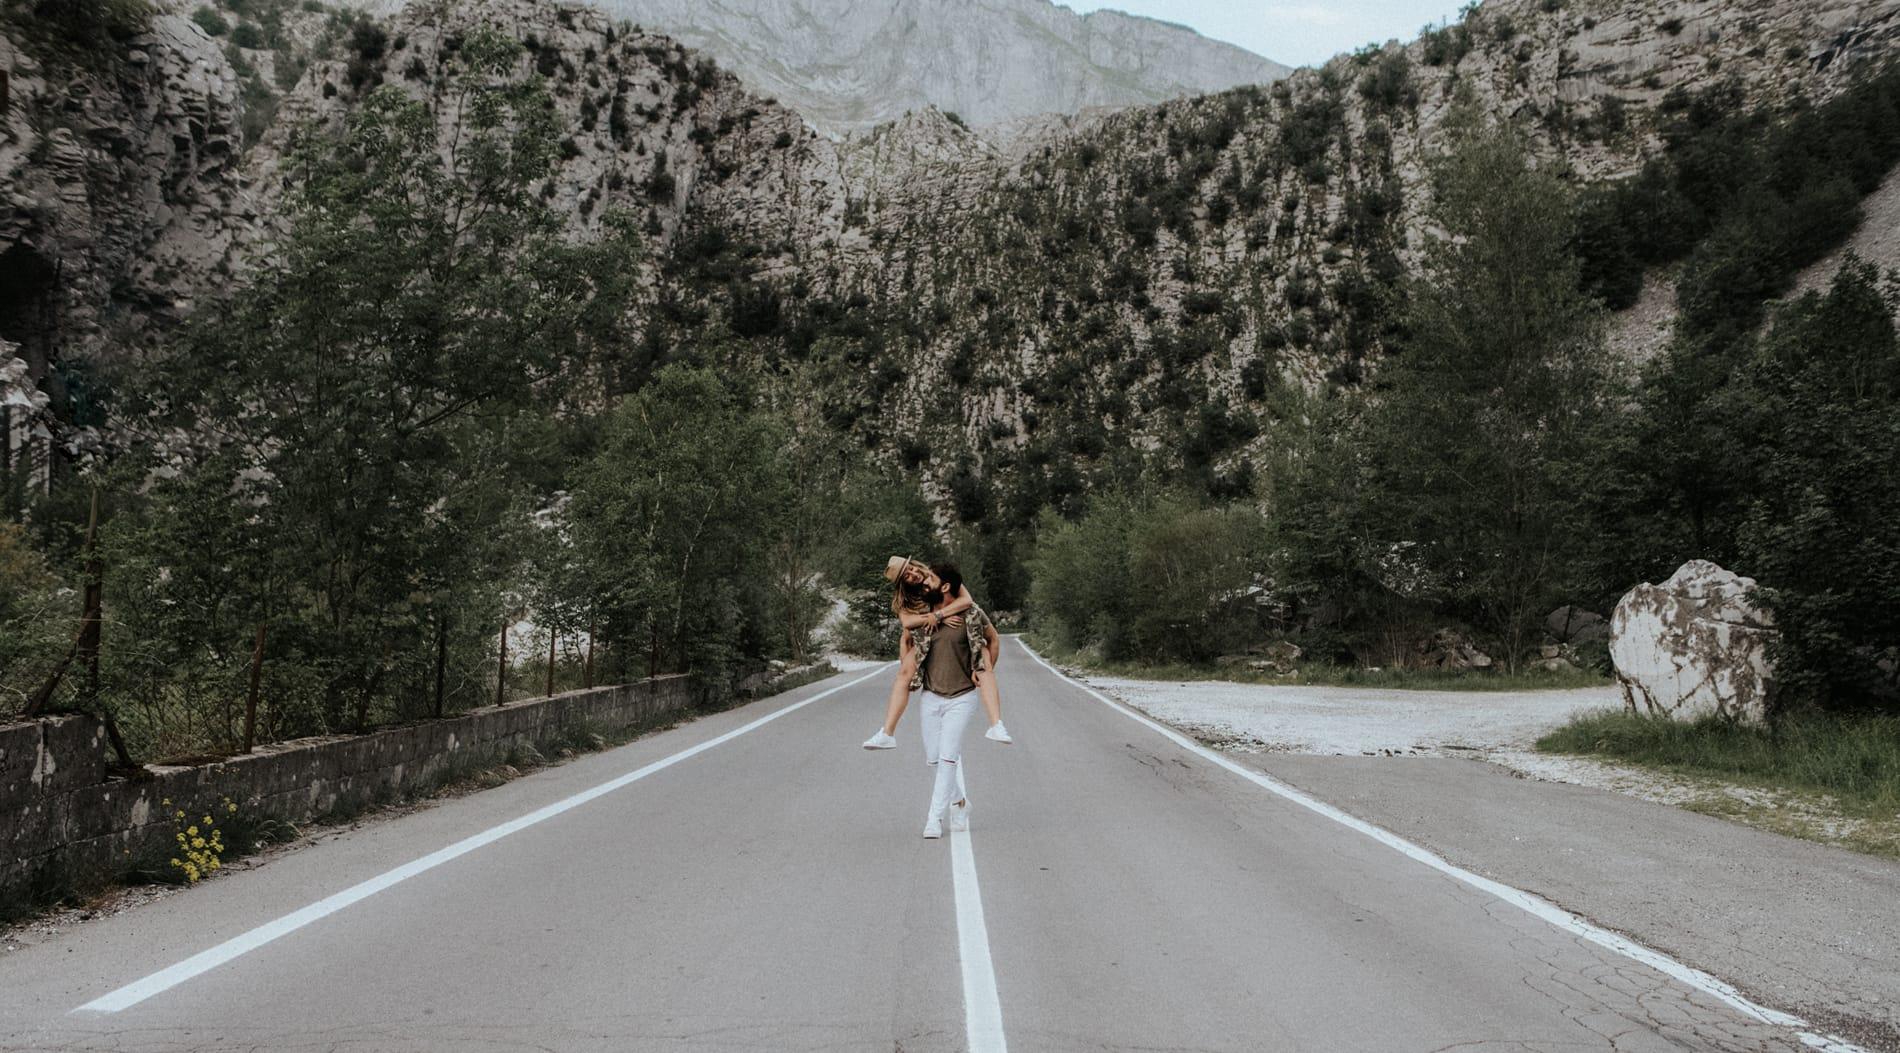 fotografa engagement lucca pisa montecatini versilia forte dei marmi pietrasanta viareggio massa